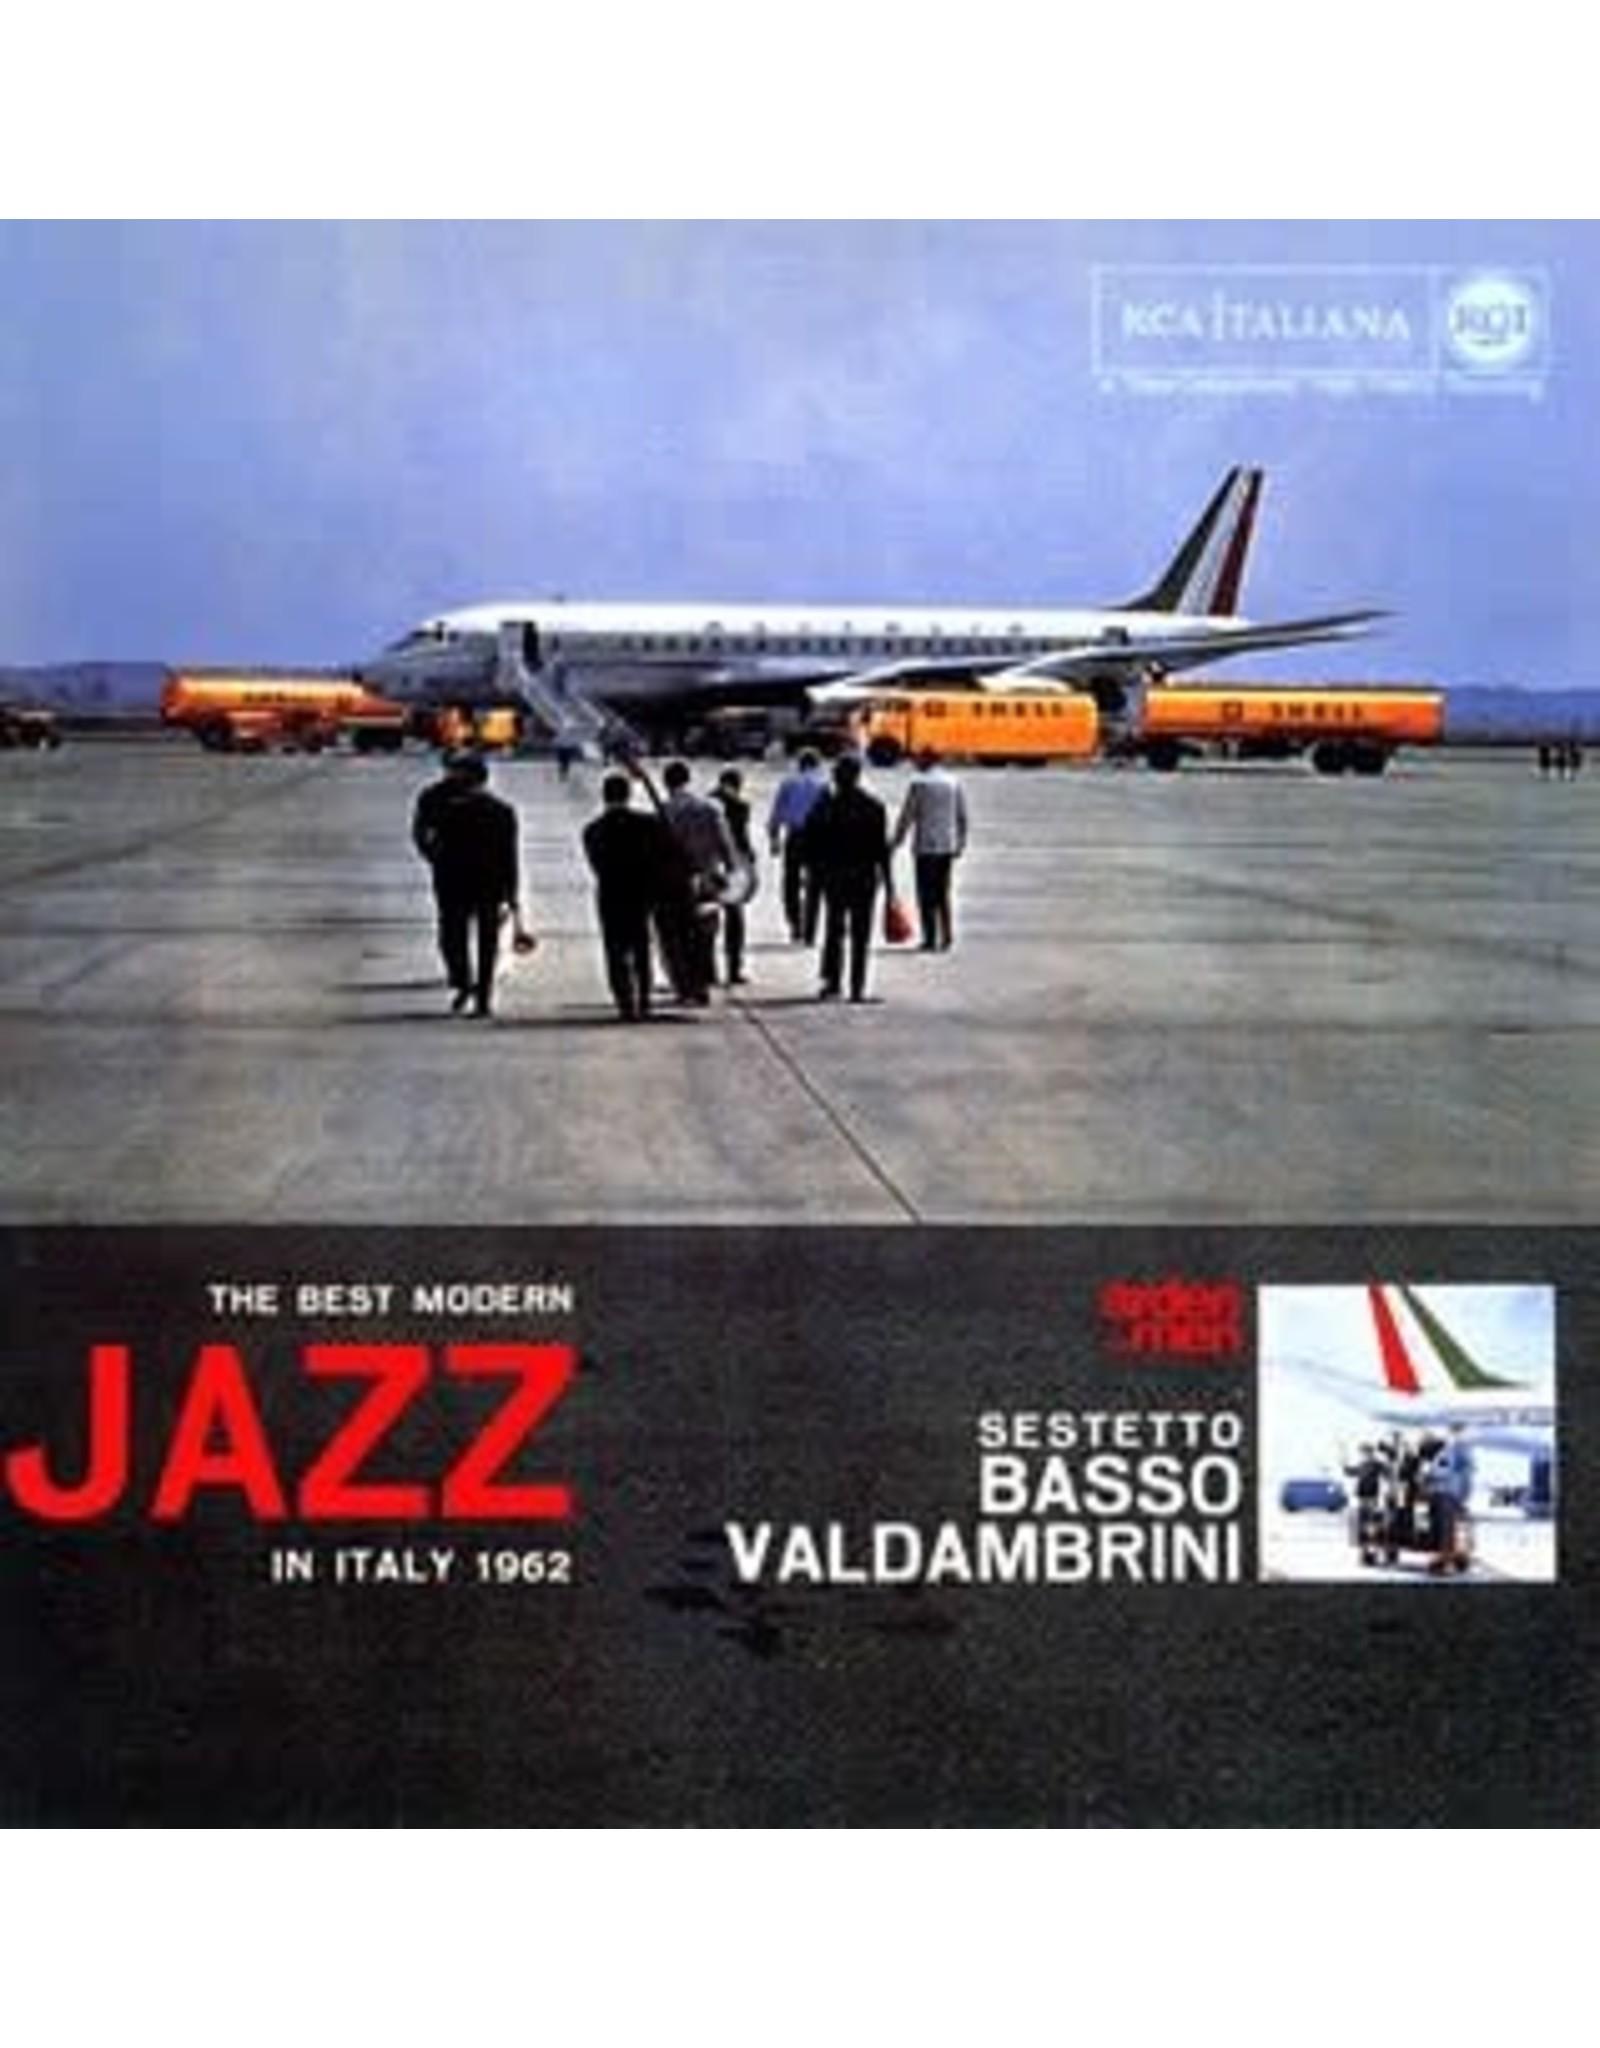 New Vinyl Sestetto Basso - Valdambrini: Best Modern Jazz In Italy 1962 LP